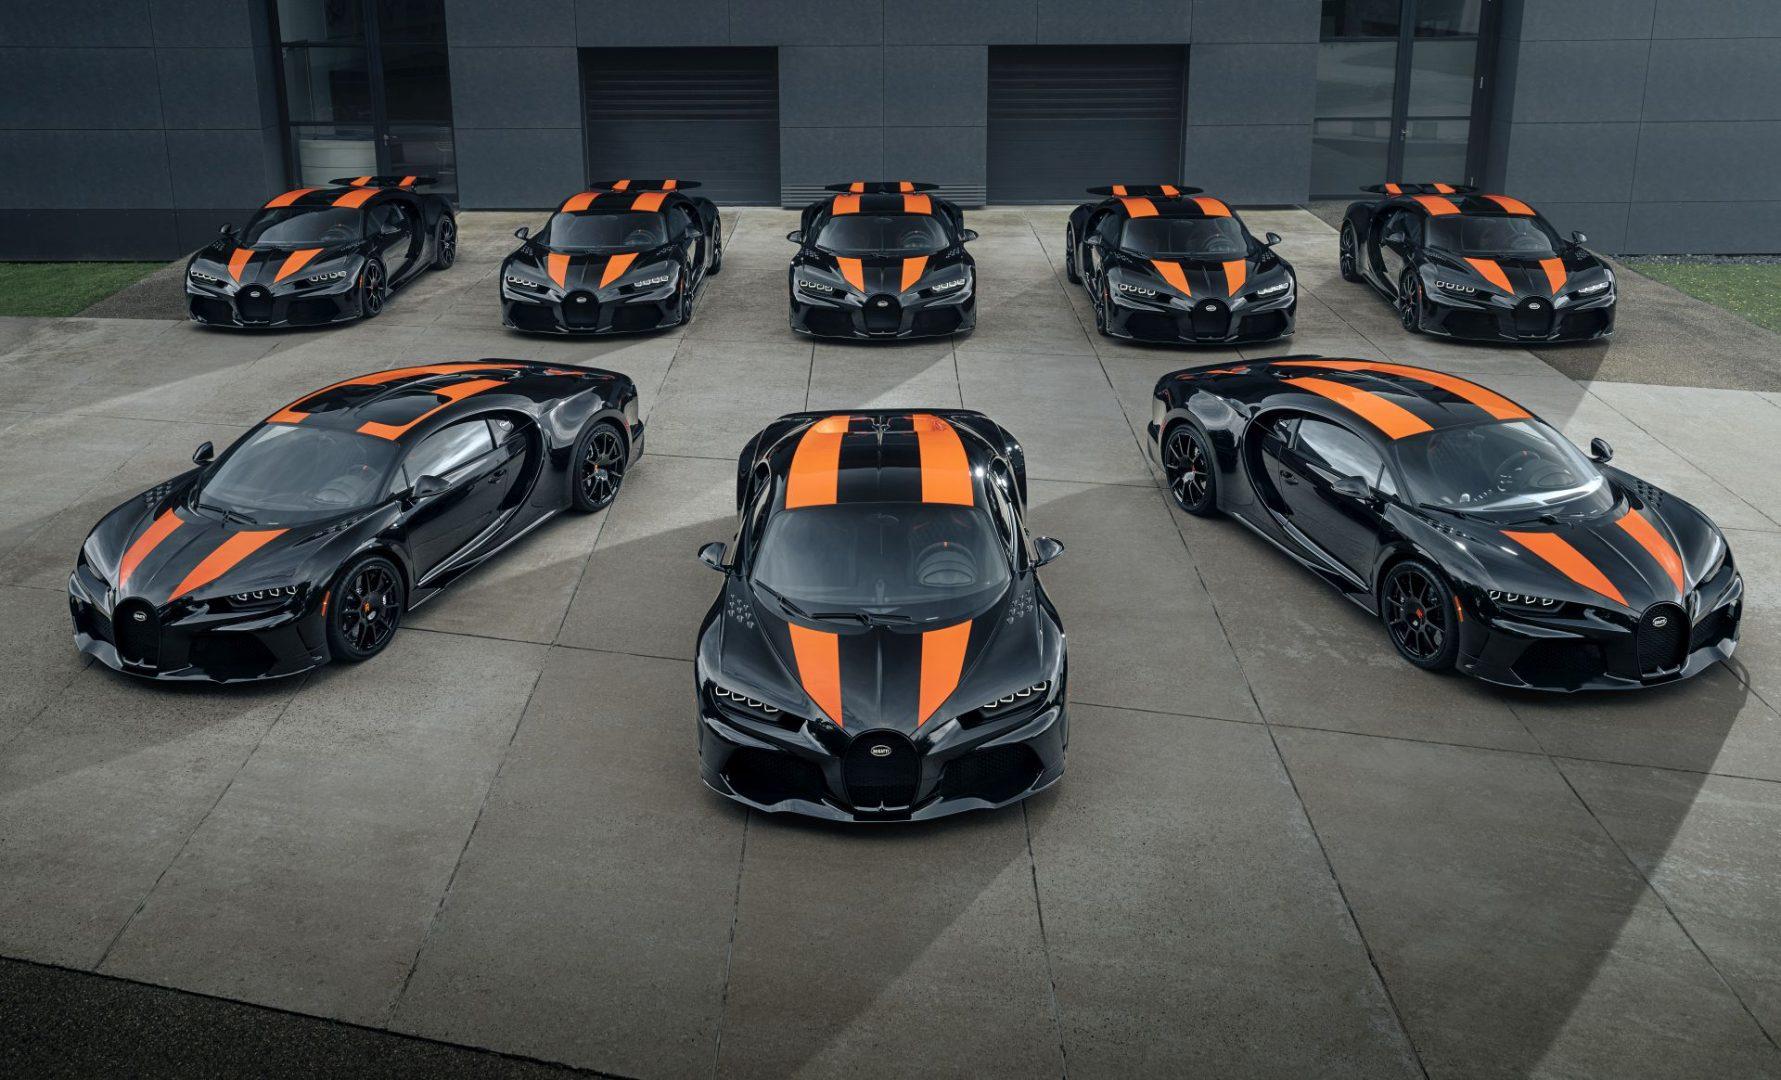 Prvih osam Bugattija Chiron Super Sport 300+ spremno za isporuku vlasnicima